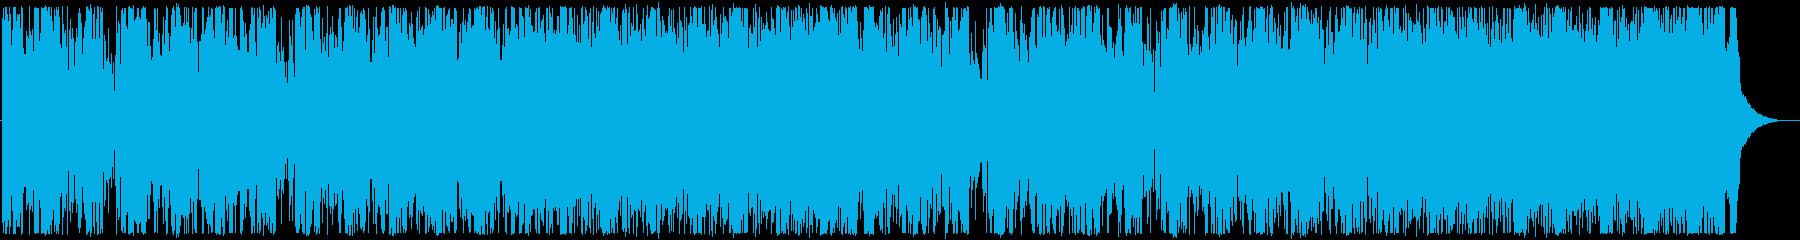 激しくダークなエレクトロDUBSTEPの再生済みの波形